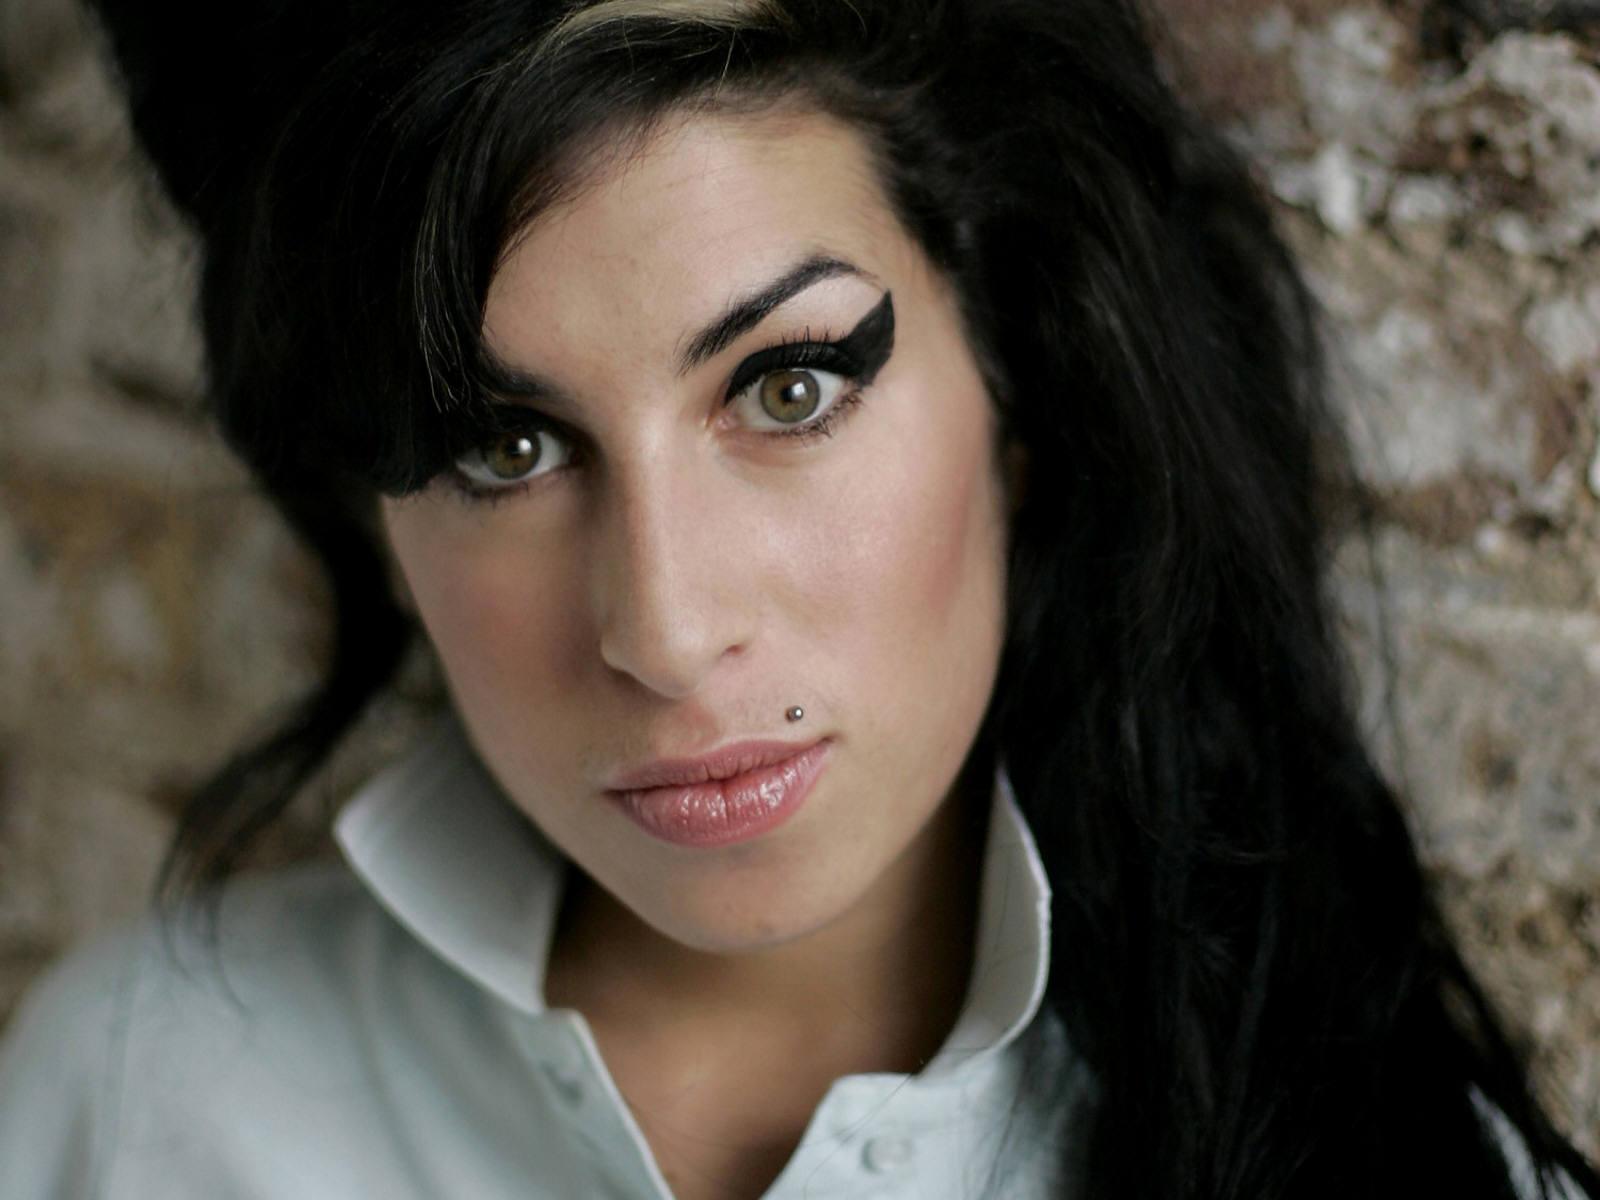 http://2.bp.blogspot.com/-SLATl_Zyel8/Tiu94QGhZtI/AAAAAAAAK_Q/-Vge6t9qgE4/s1600/Amy_Winehouse_1.jpg